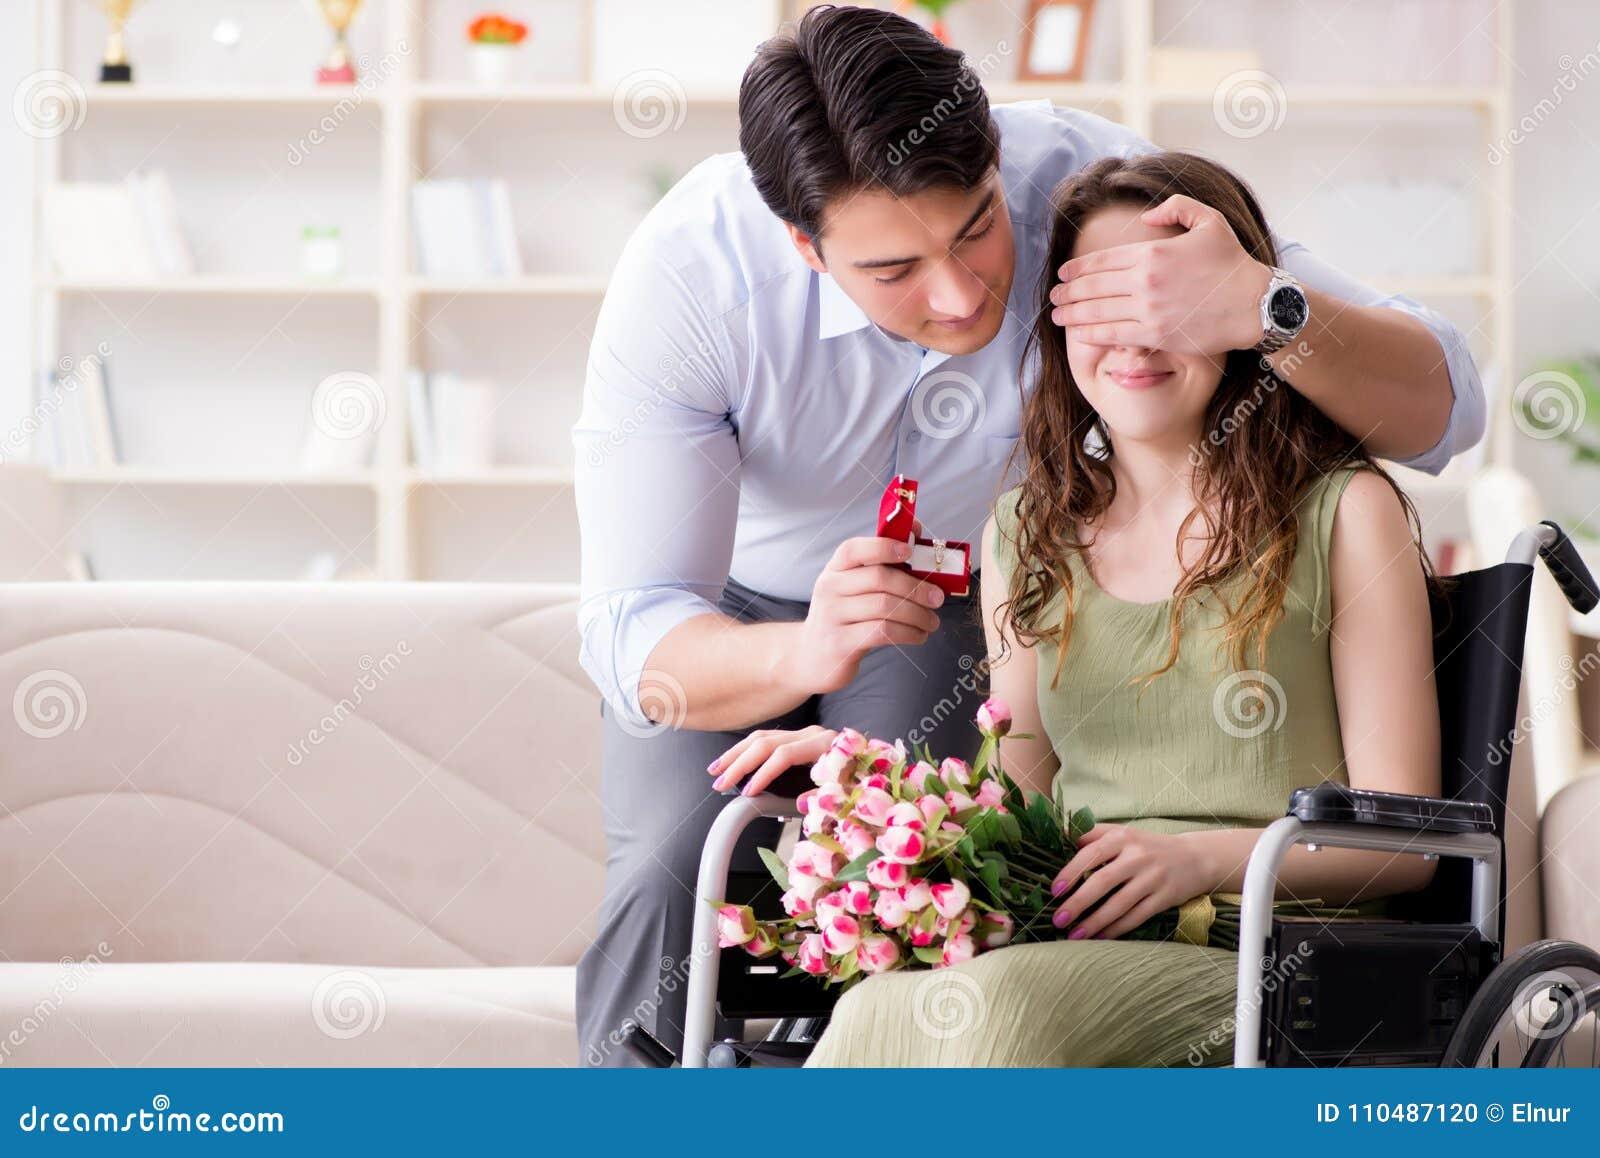 Propuesta De Matrimonio Mujer A Hombre